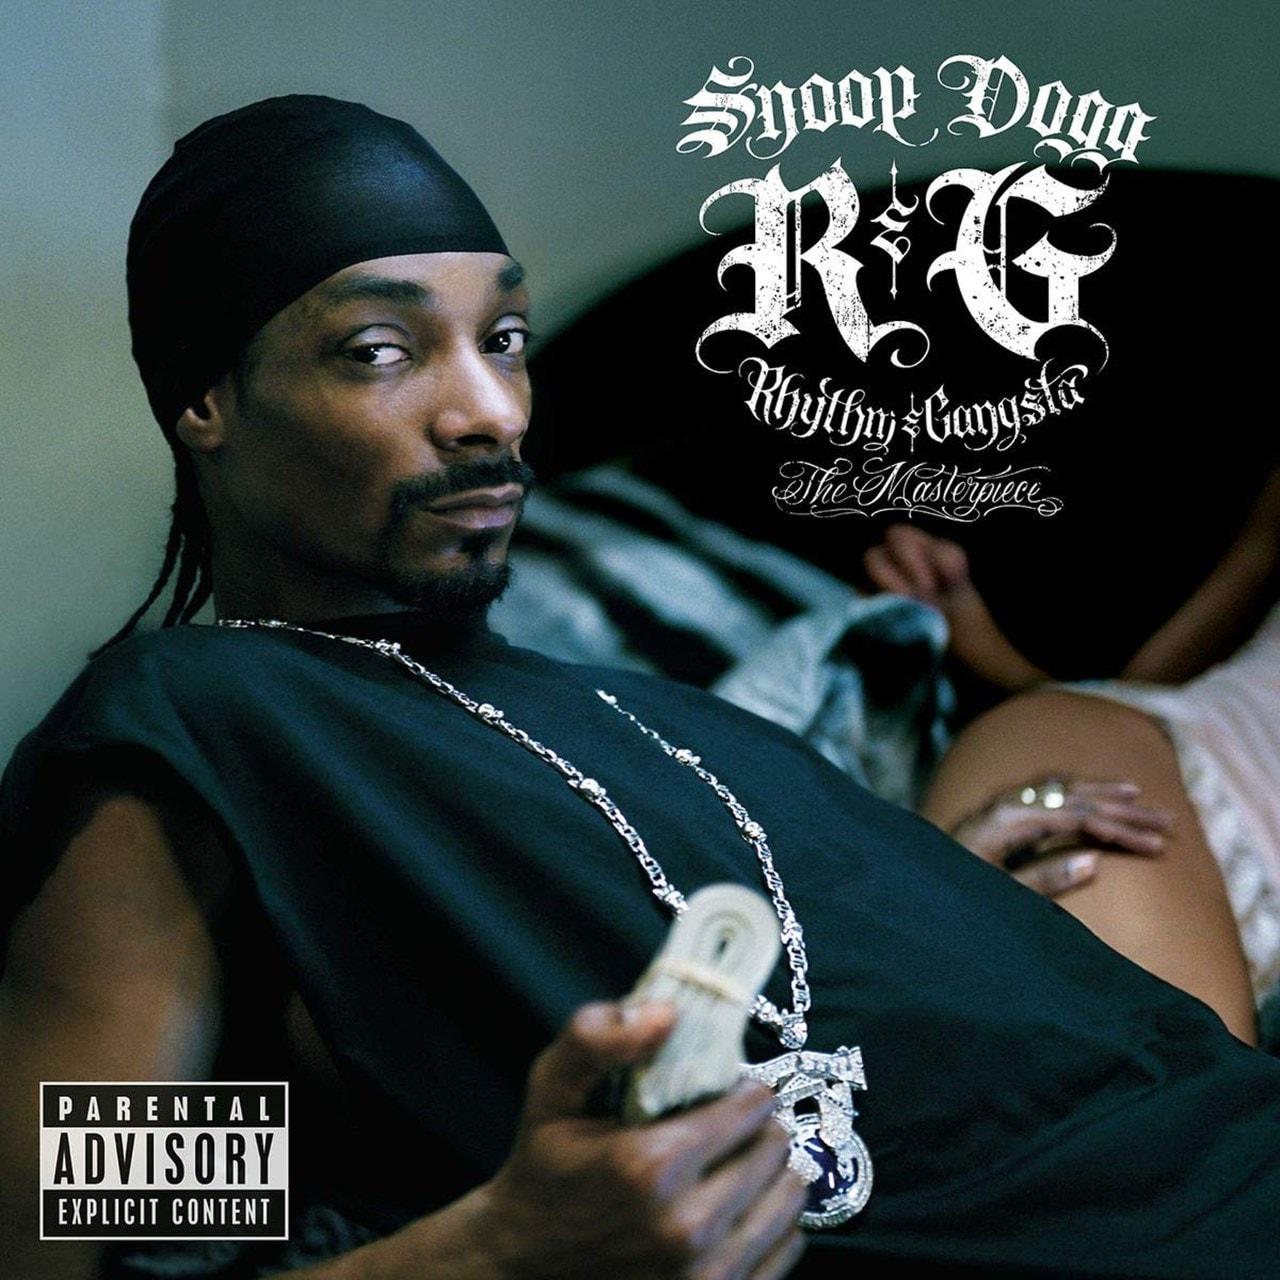 R&G (Rhythm & Gangsta): The Masterpiece - 1